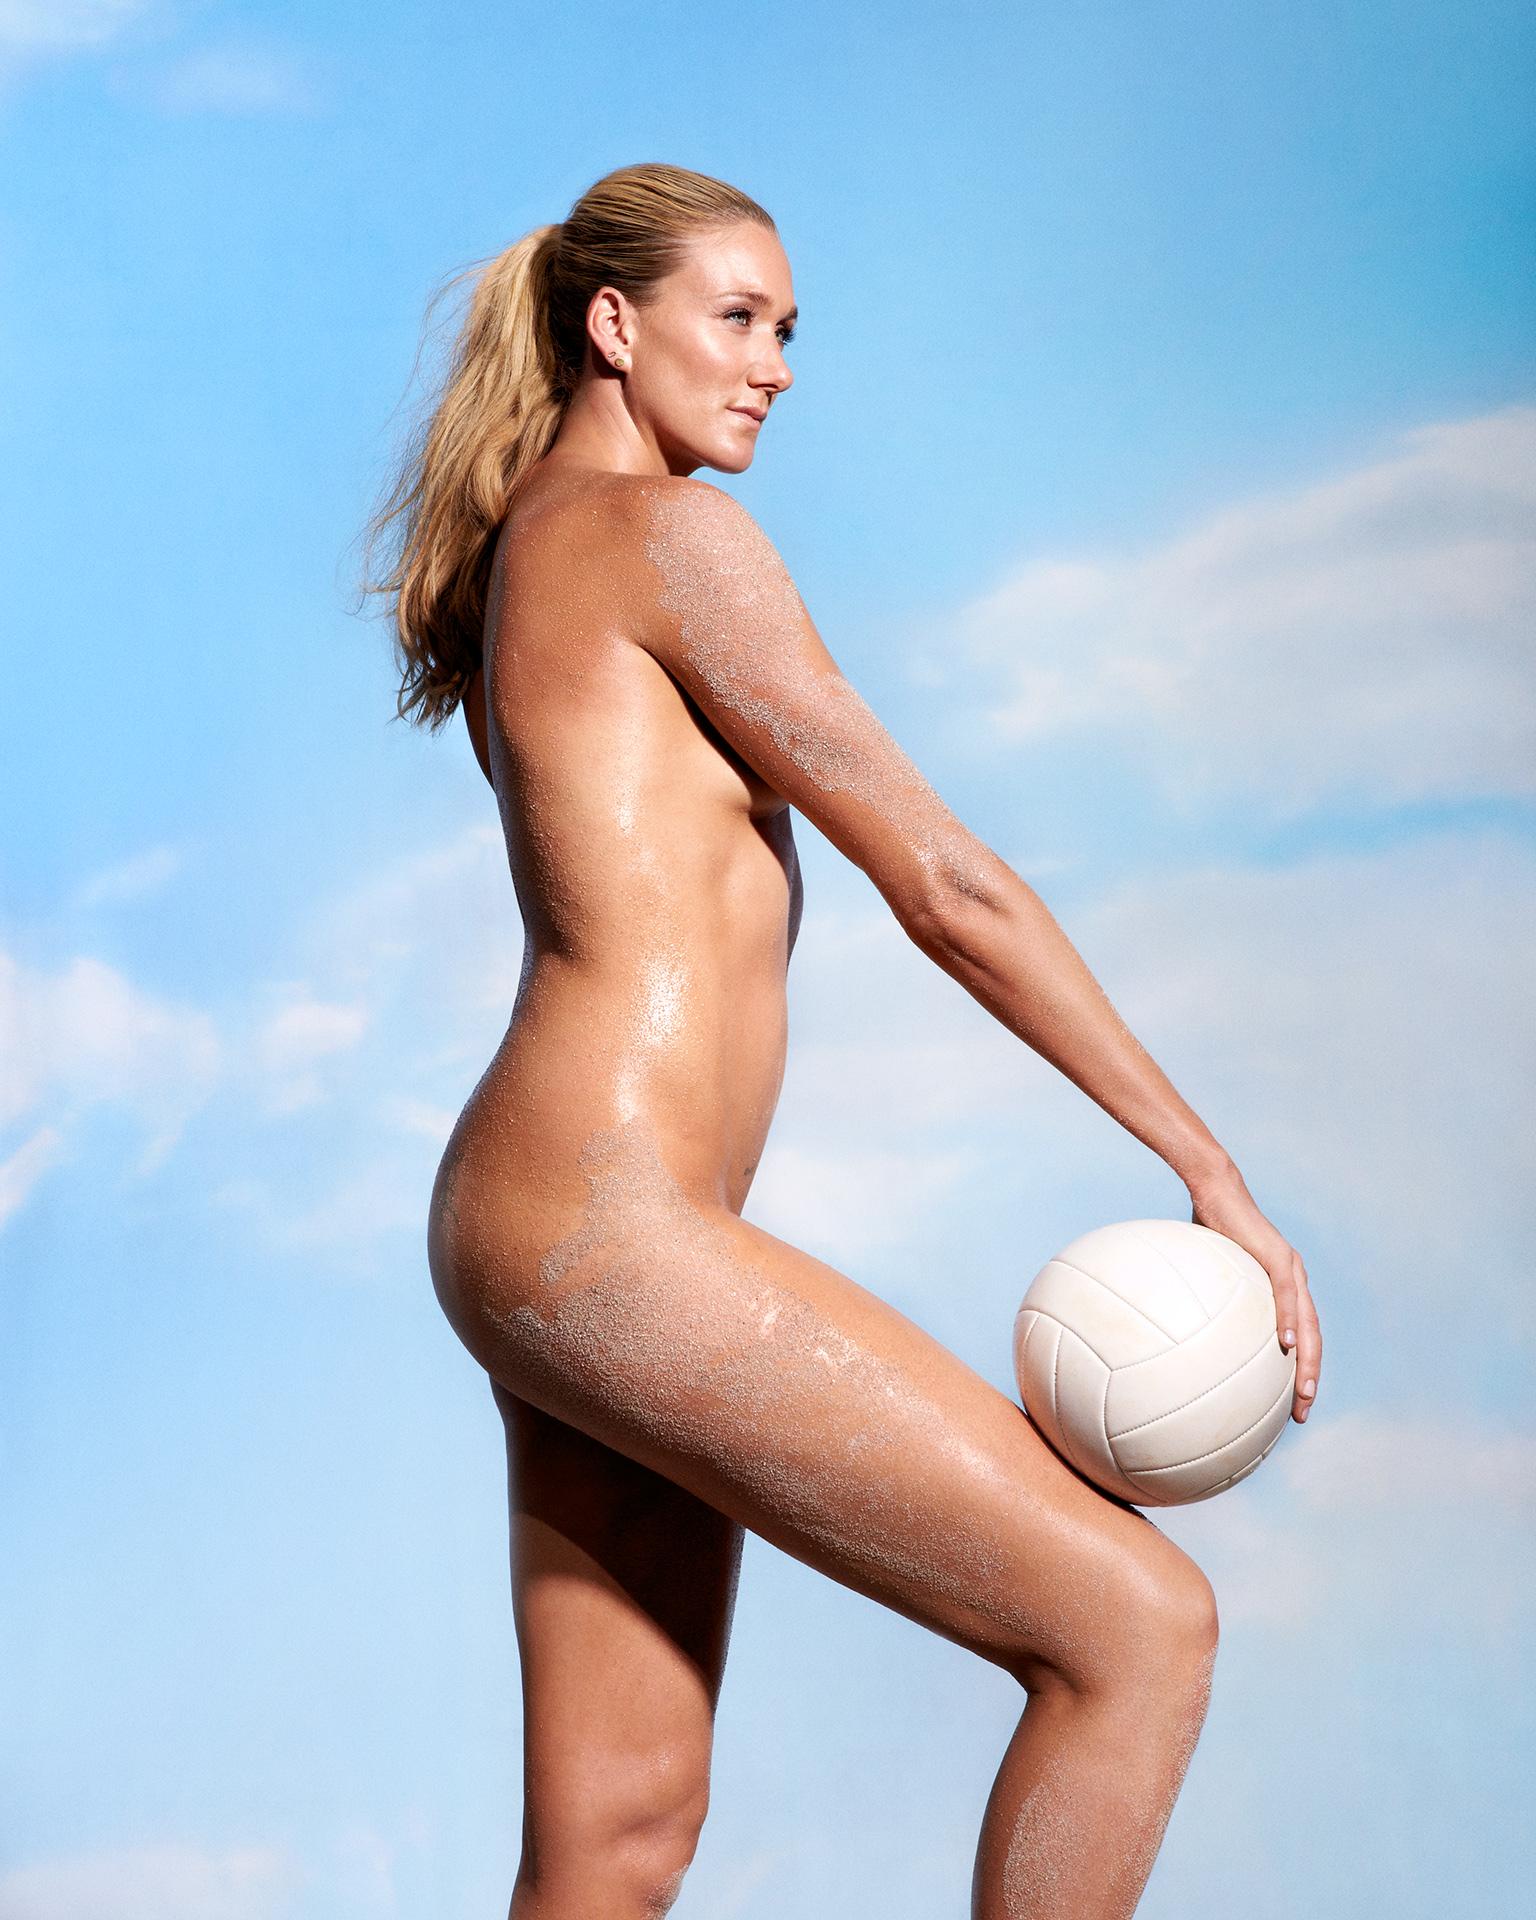 Эротические фото спортсменок и певиц 12 фотография